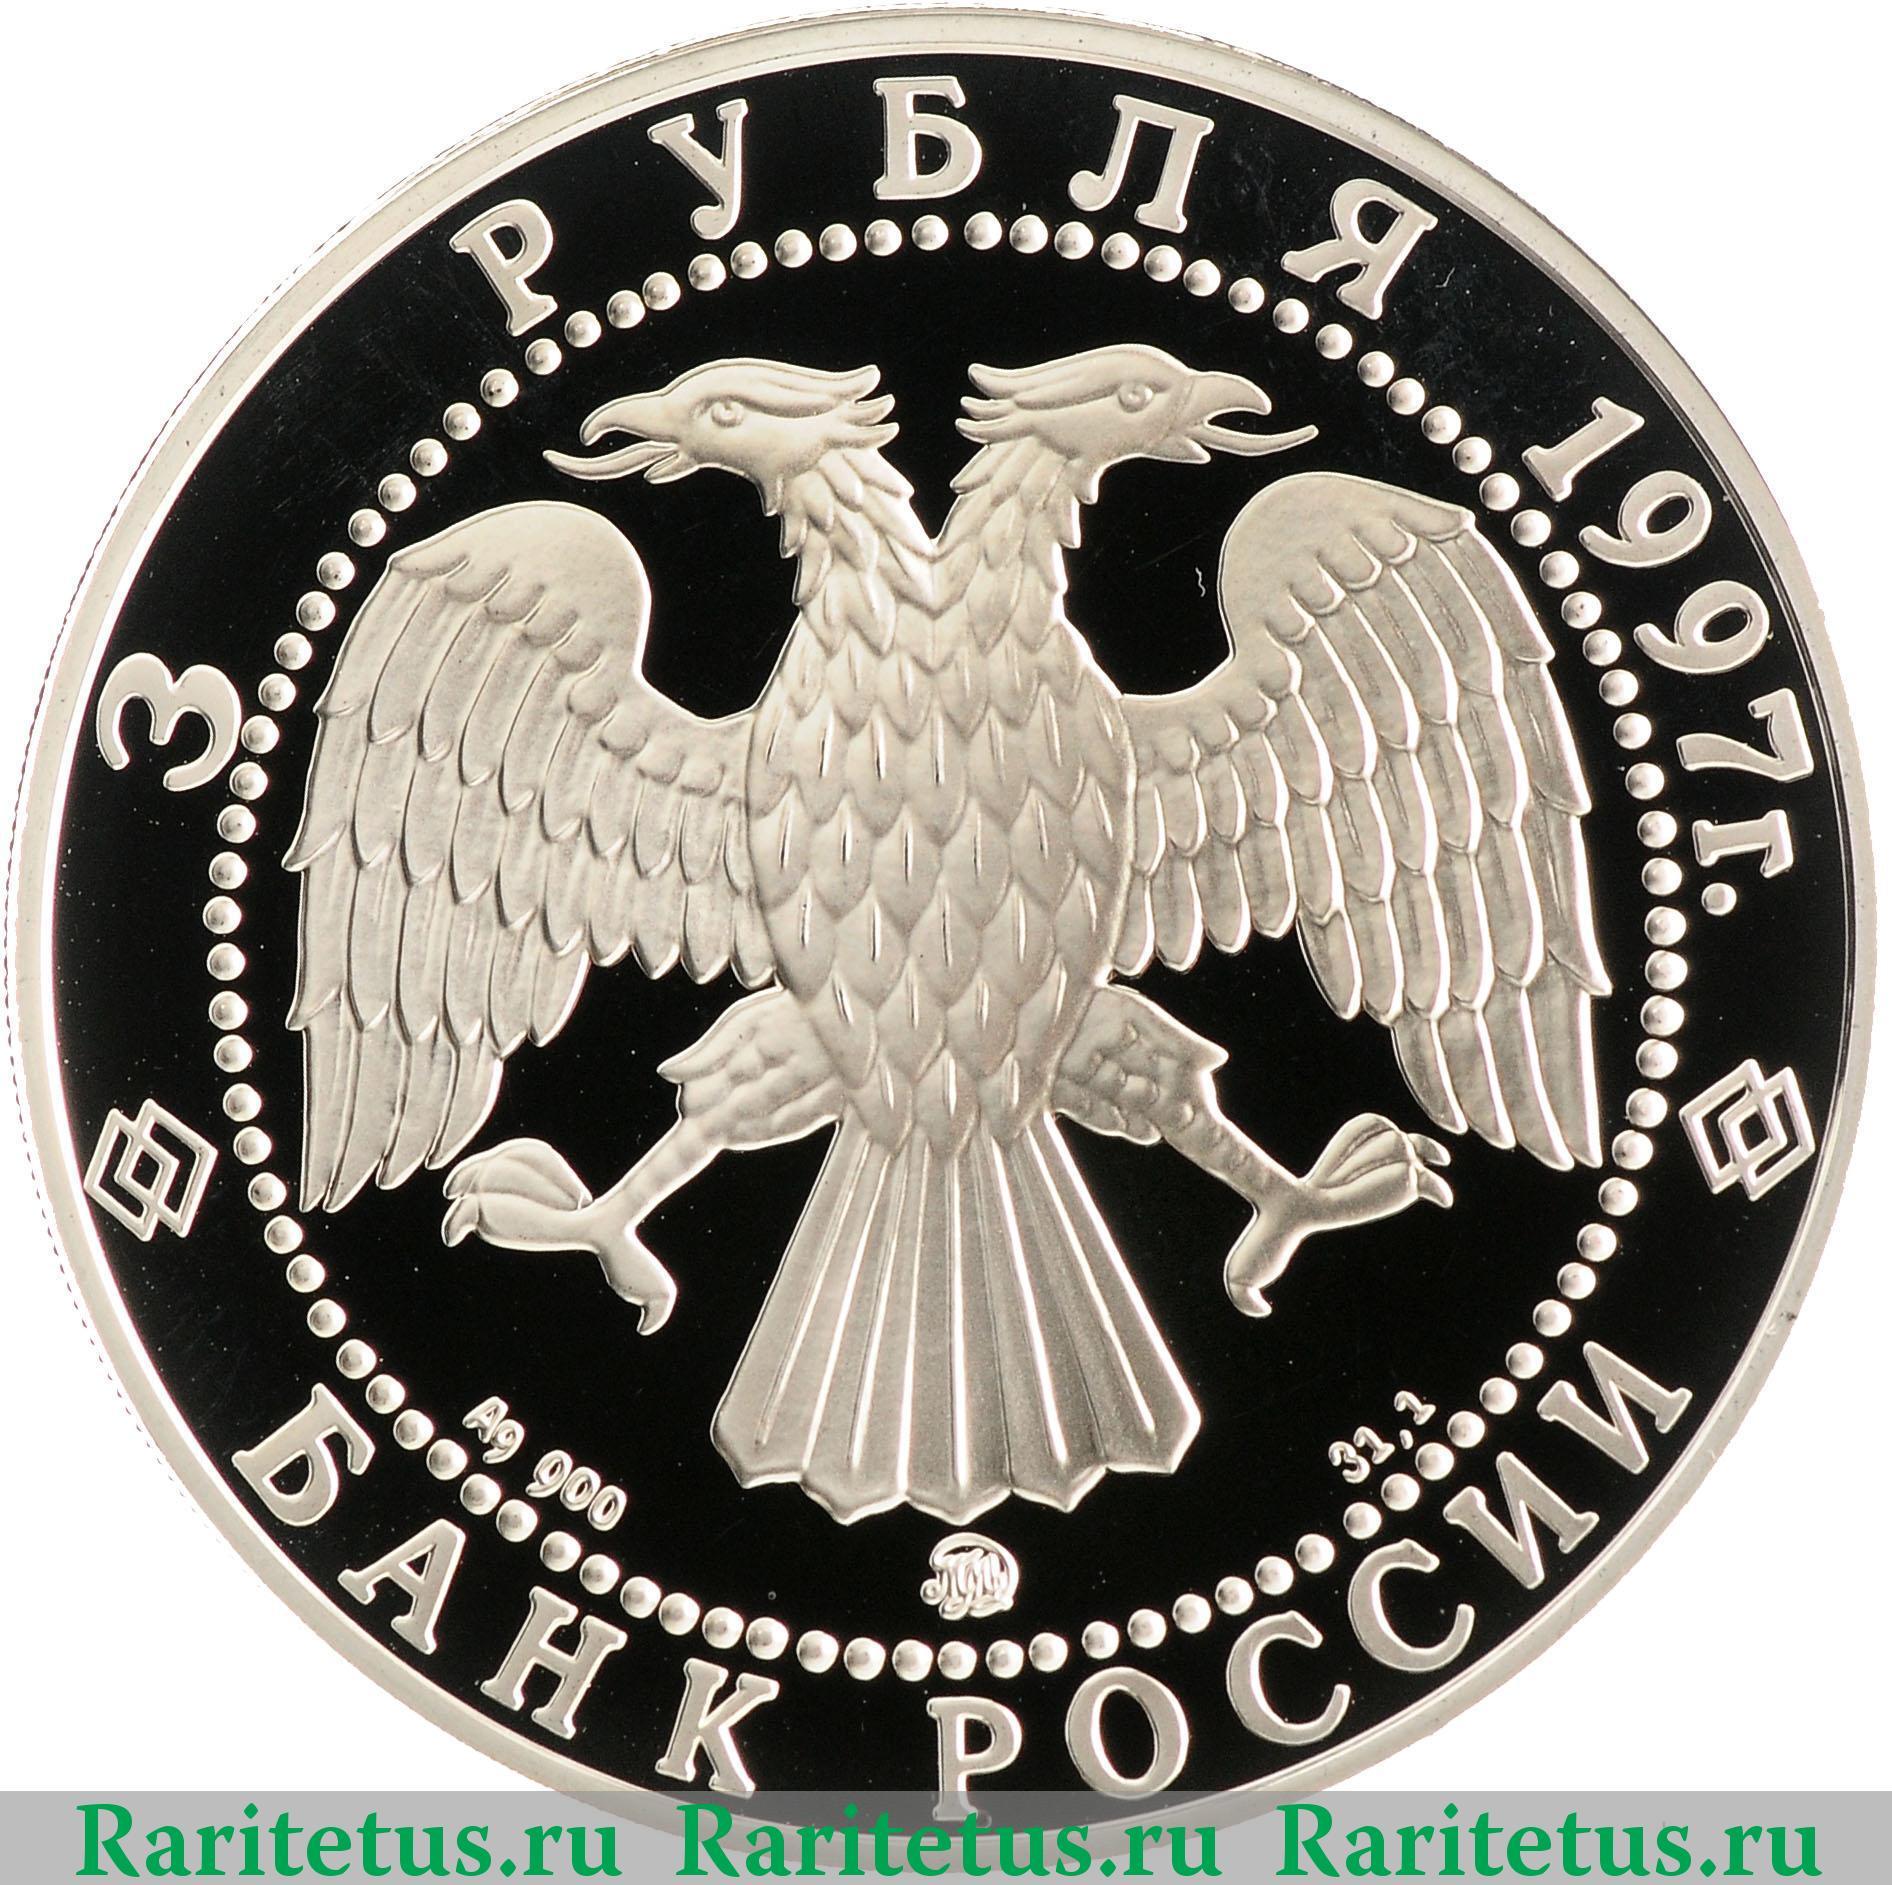 3 рубля 1997 года соловецкий монастырь купить рублевые монеты ссср